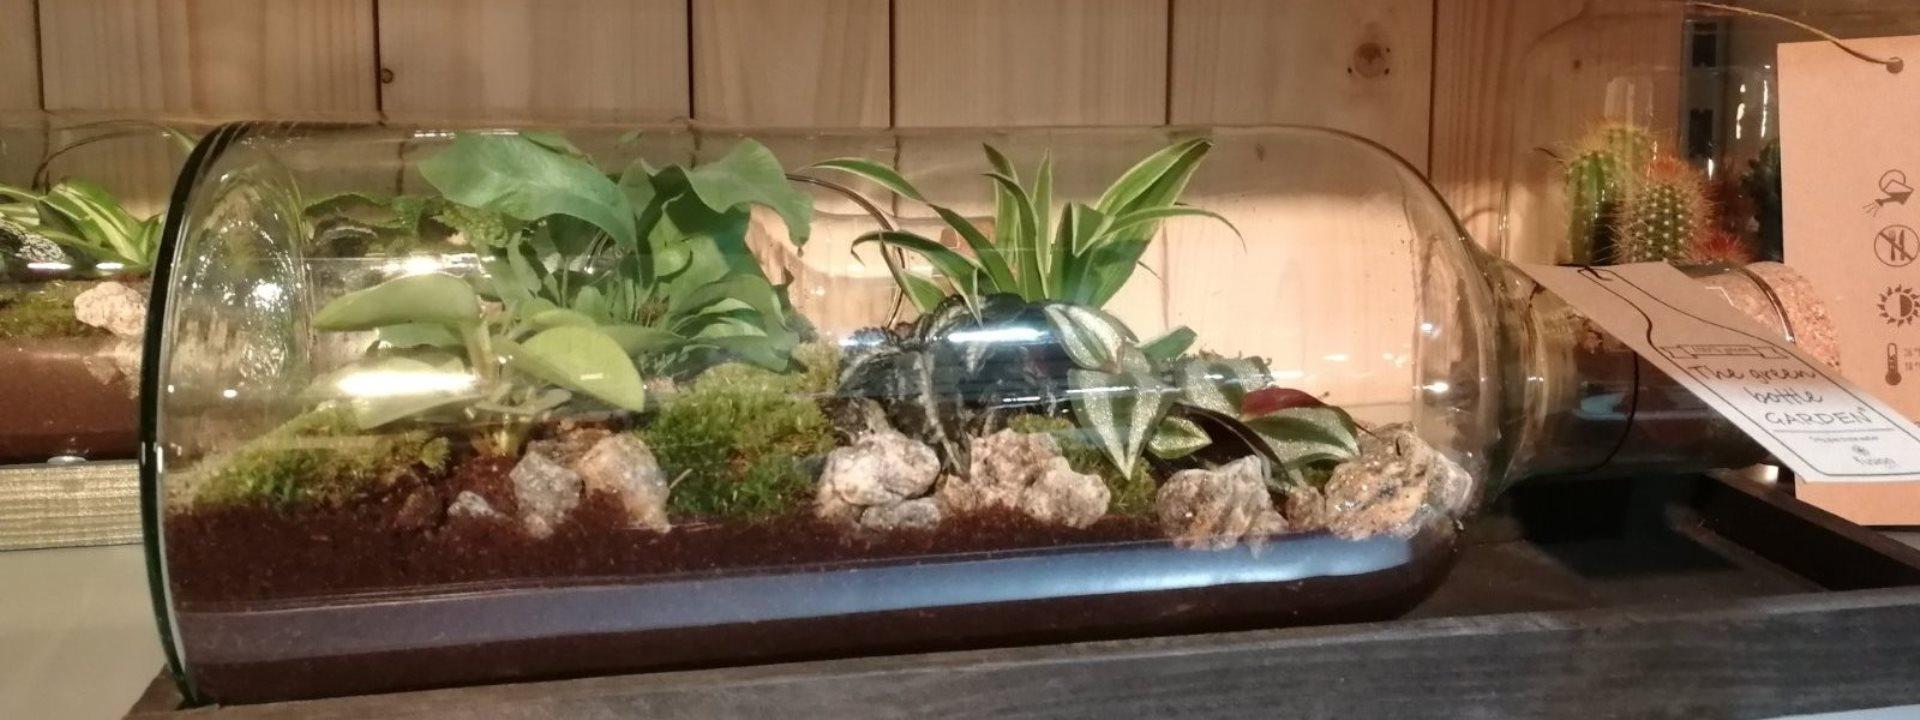 header-blog-001-osnovne-mere-nege-biljaka-u-enterijeru